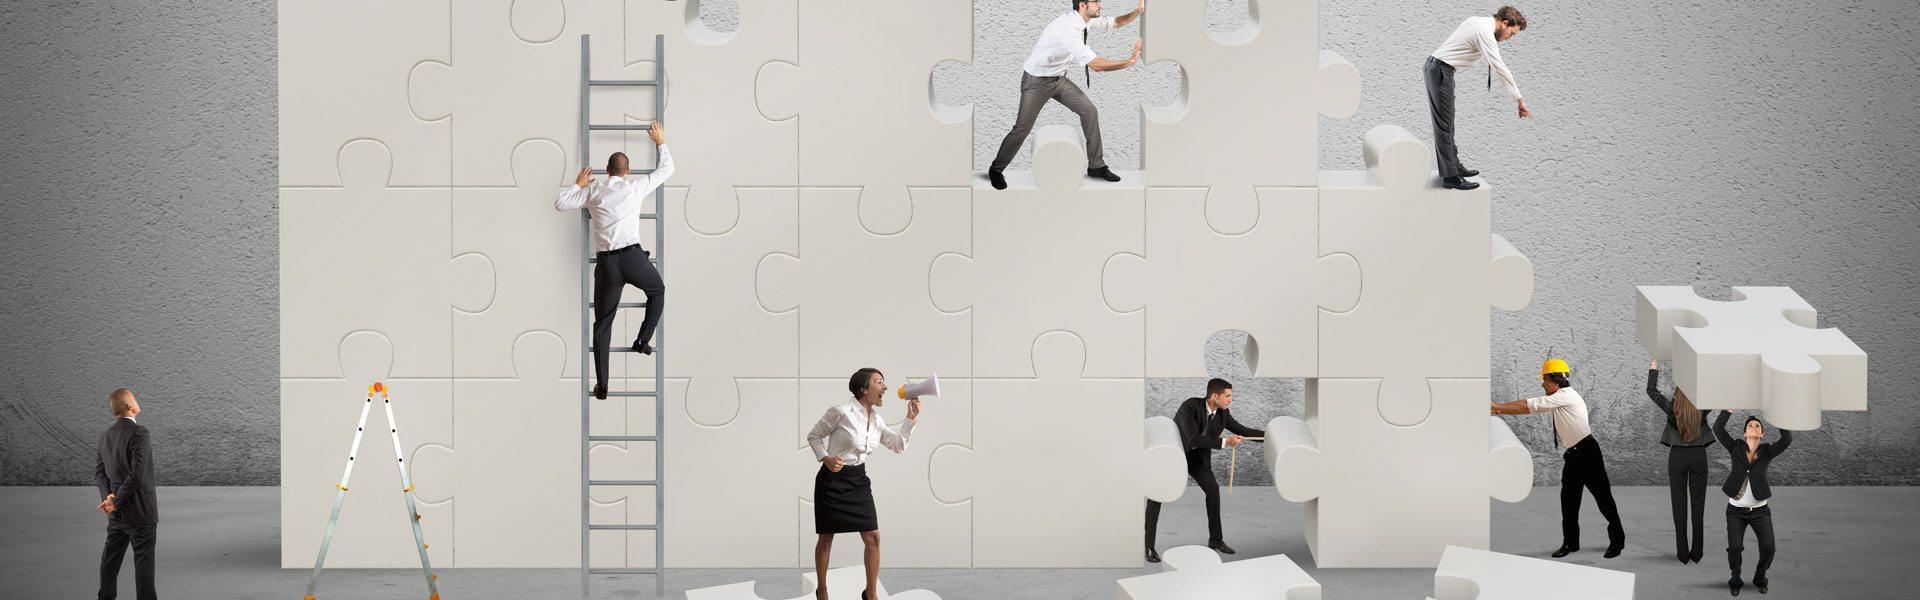 Ανθρώπινο δυναμικό της εταιρείας '''χτίζει'' την εταιρεία με παζλ.